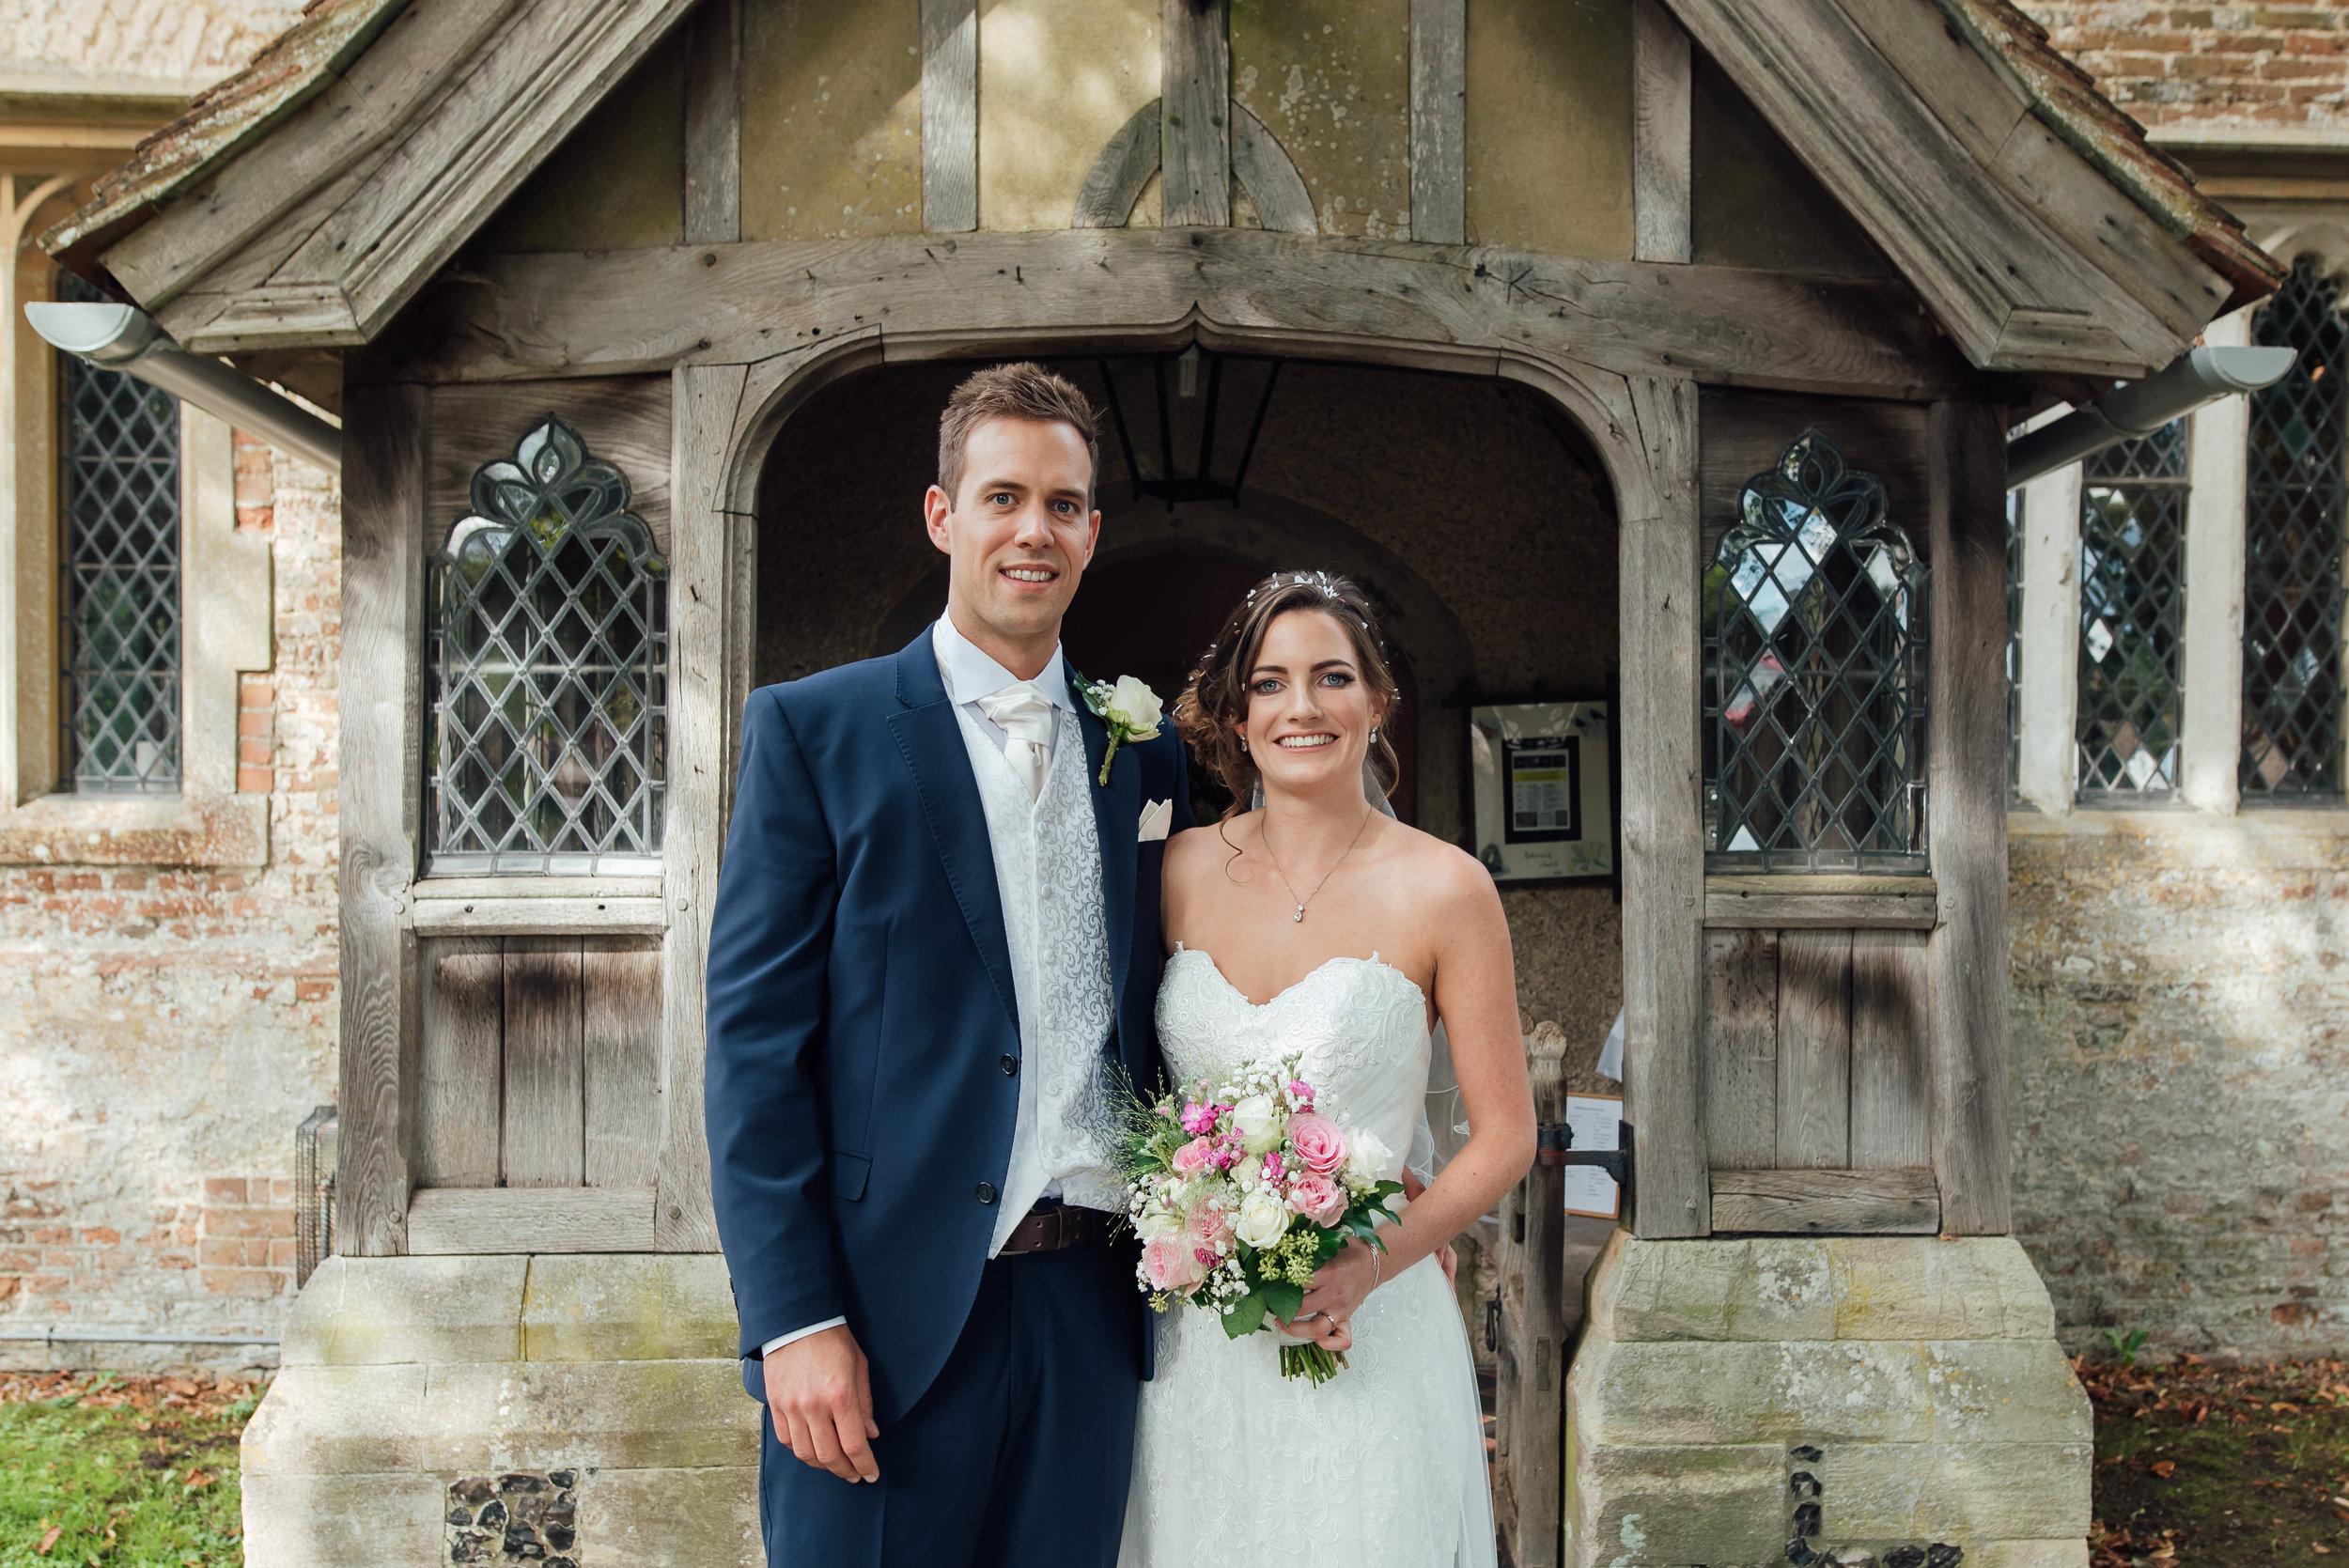 Hampshire-wedding-photographer : hampshire-village-hall-wedding : rotherwick-village-hall-wedding : wedding-photographer-hampshire : amy-james-photography : natural-wedding-photographer-hampshire : wedding-photographer-hampshire-471.jpg